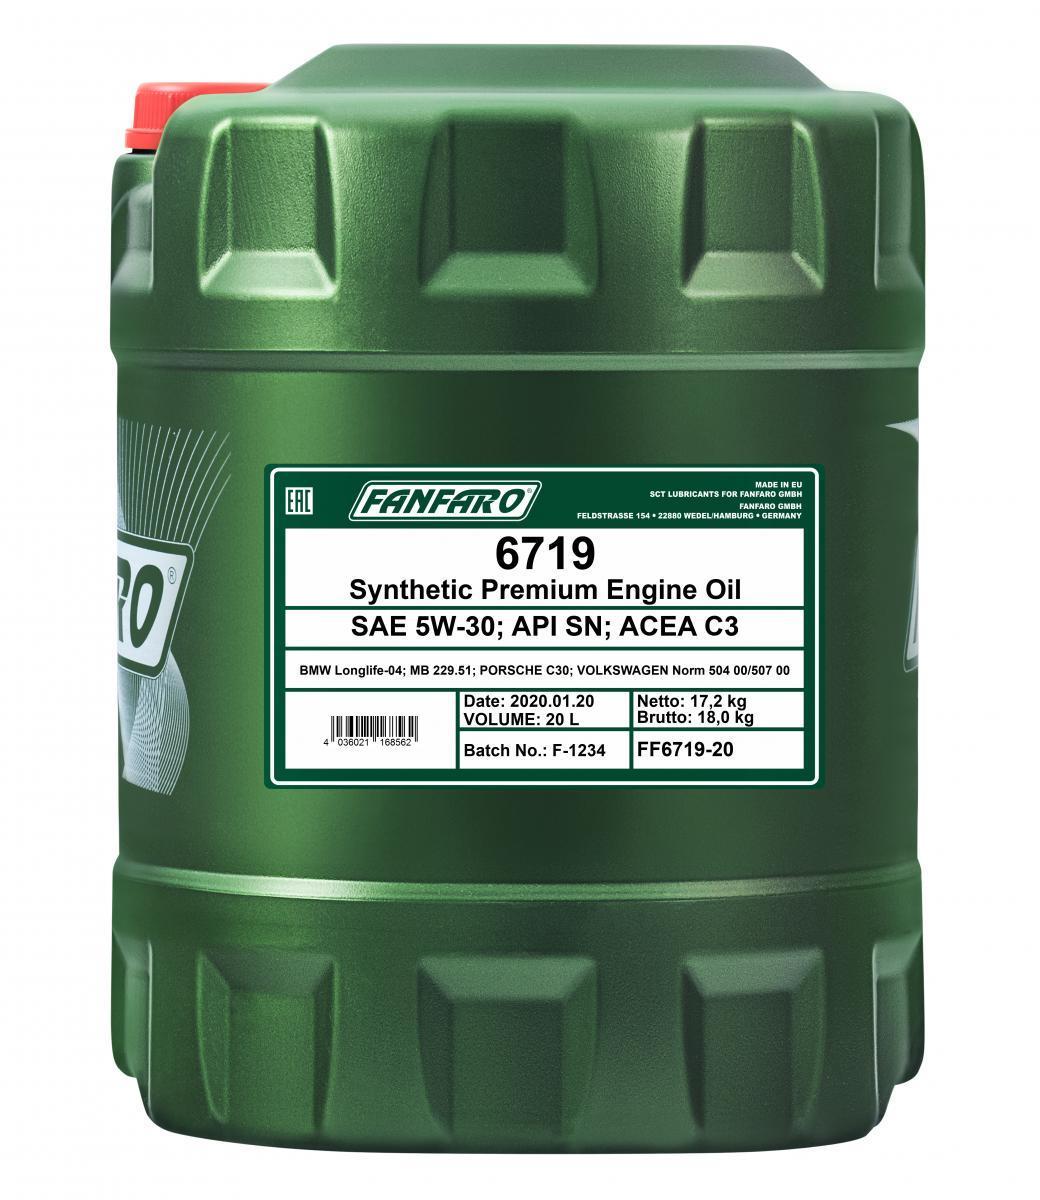 Buy FANFARO Engine Oil FF6719-20 truck